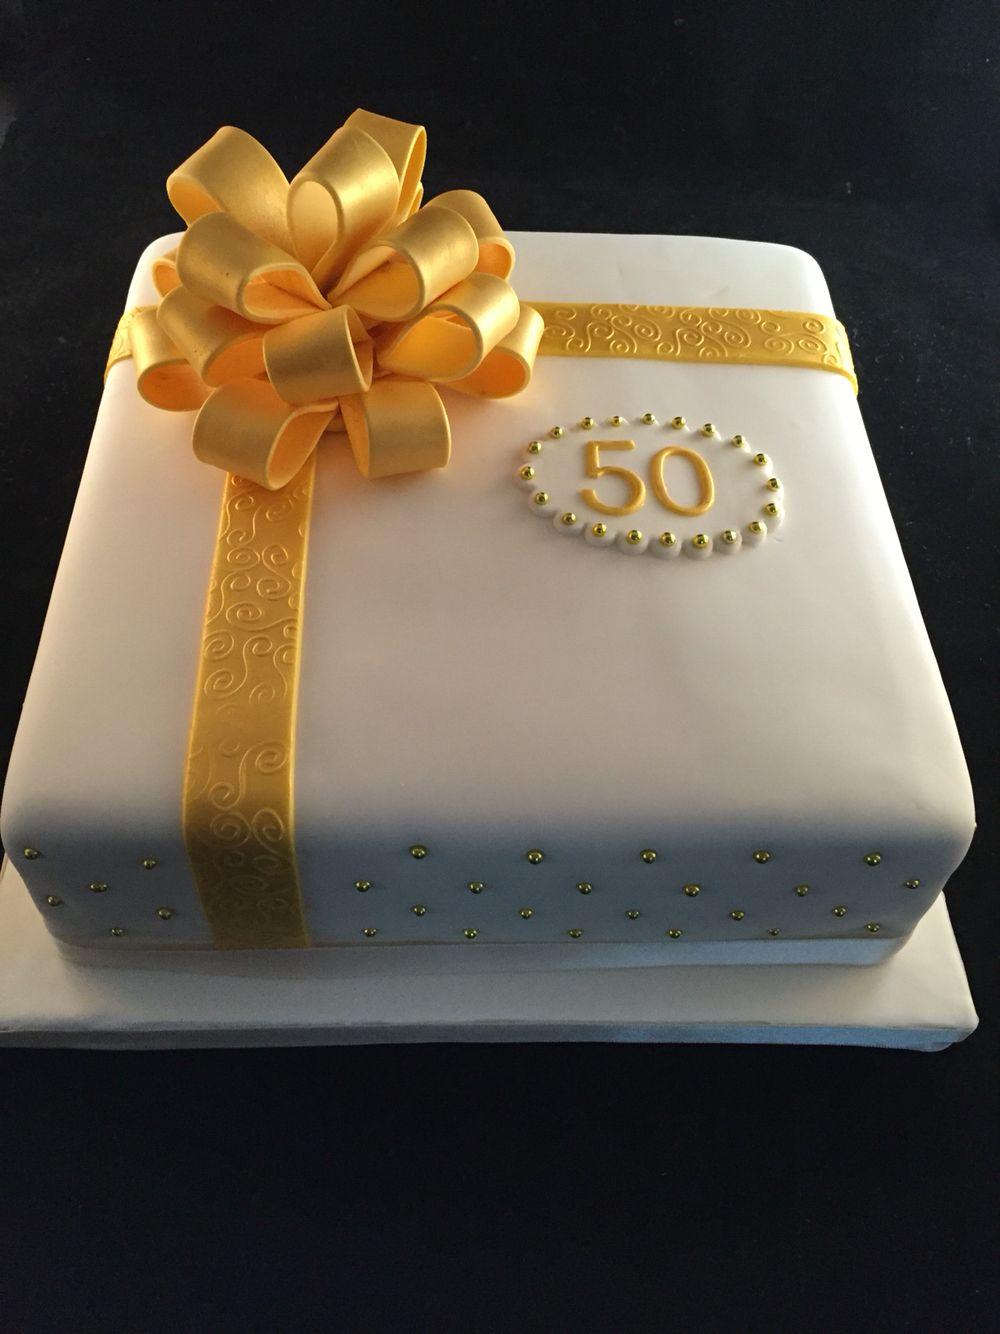 50 jaar taart 50 jaar getrouwd taart | EMIJOS | Pinterest | 50th, Food cakes and  50 jaar taart